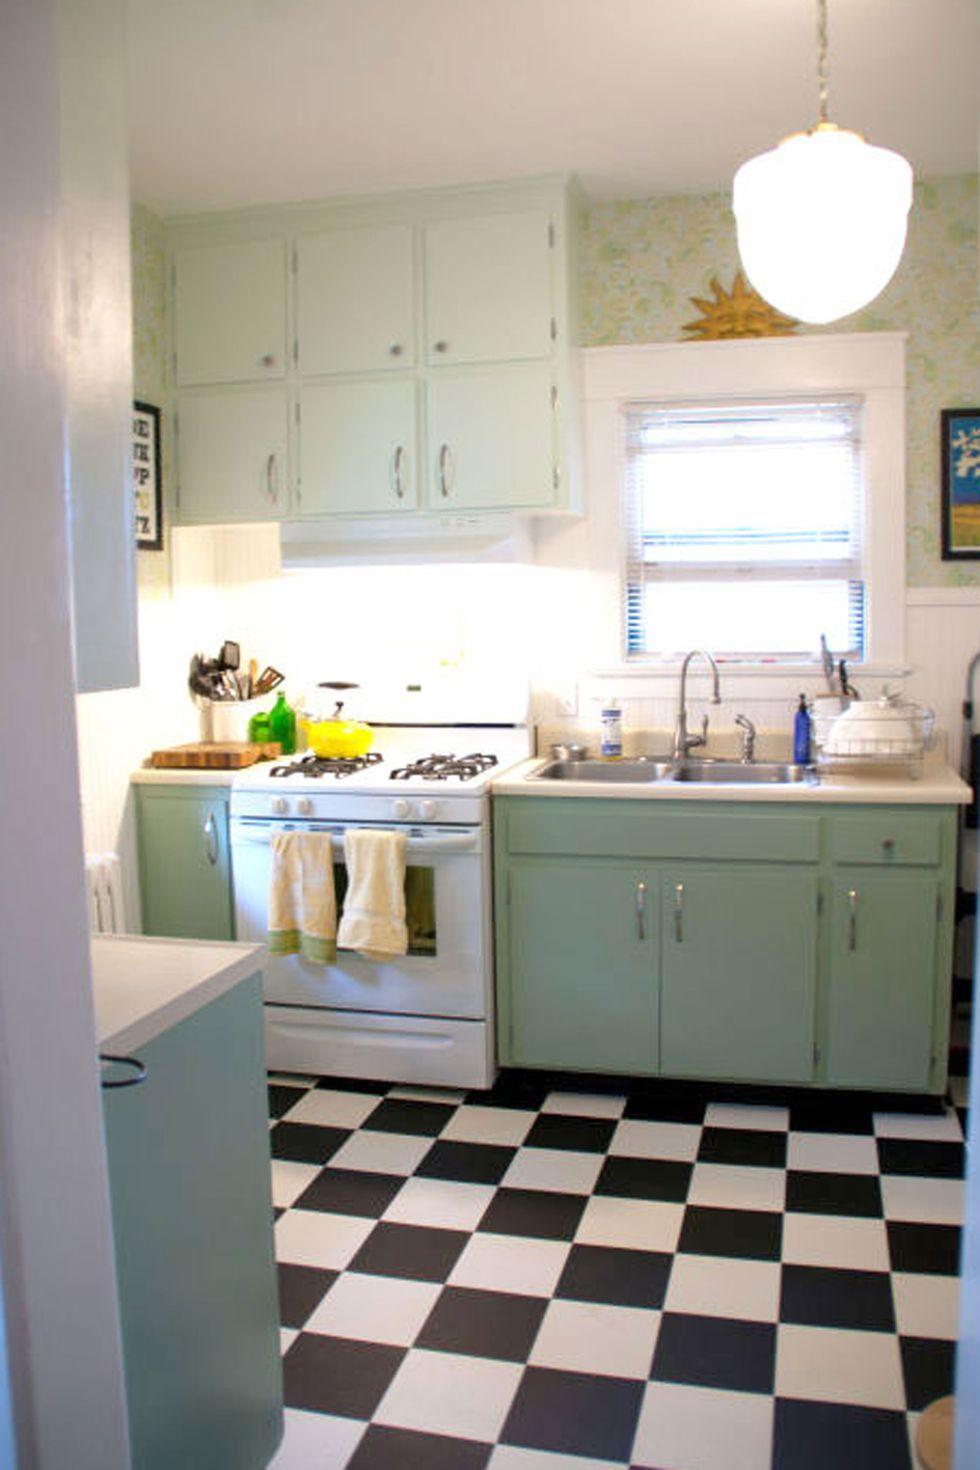 11 retro diner decor ideas for your kitchen diner decor diy kitchen decor checkered floor on outdoor kitchen vintage id=26162